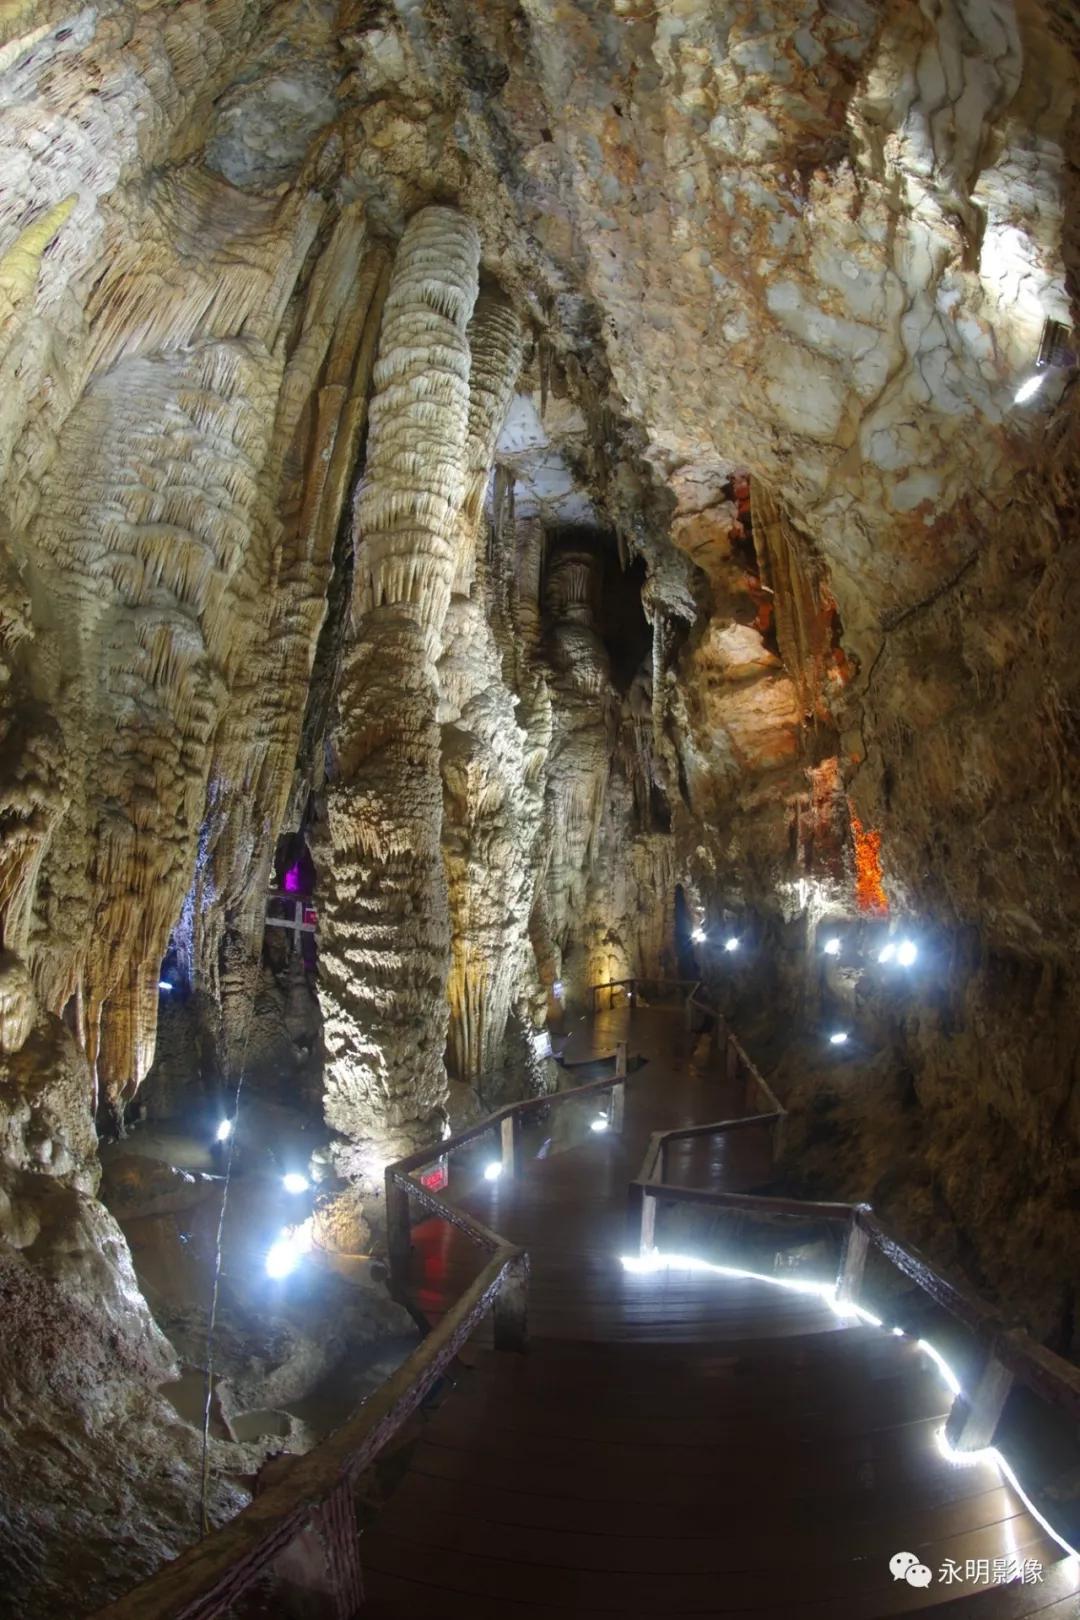 原创            中国最美溶洞、天下第一洞——中峰洞